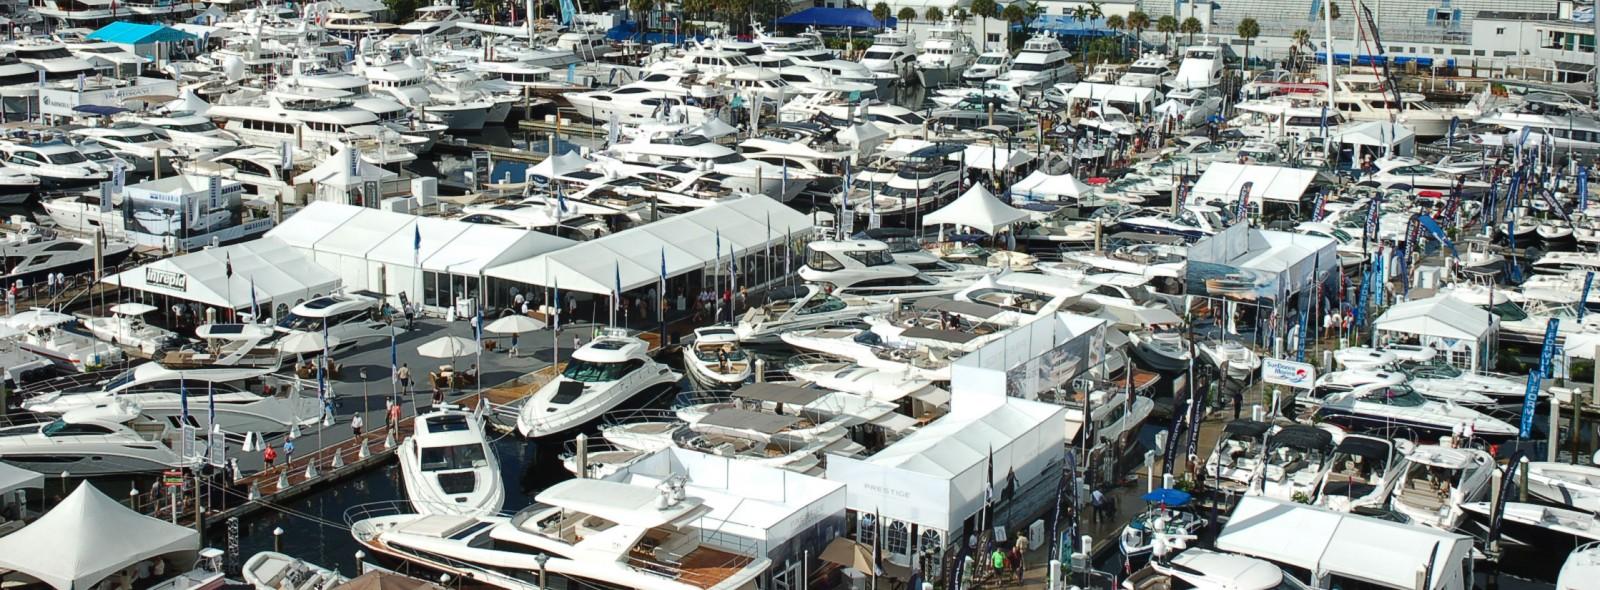 STOCK-many-white-boats